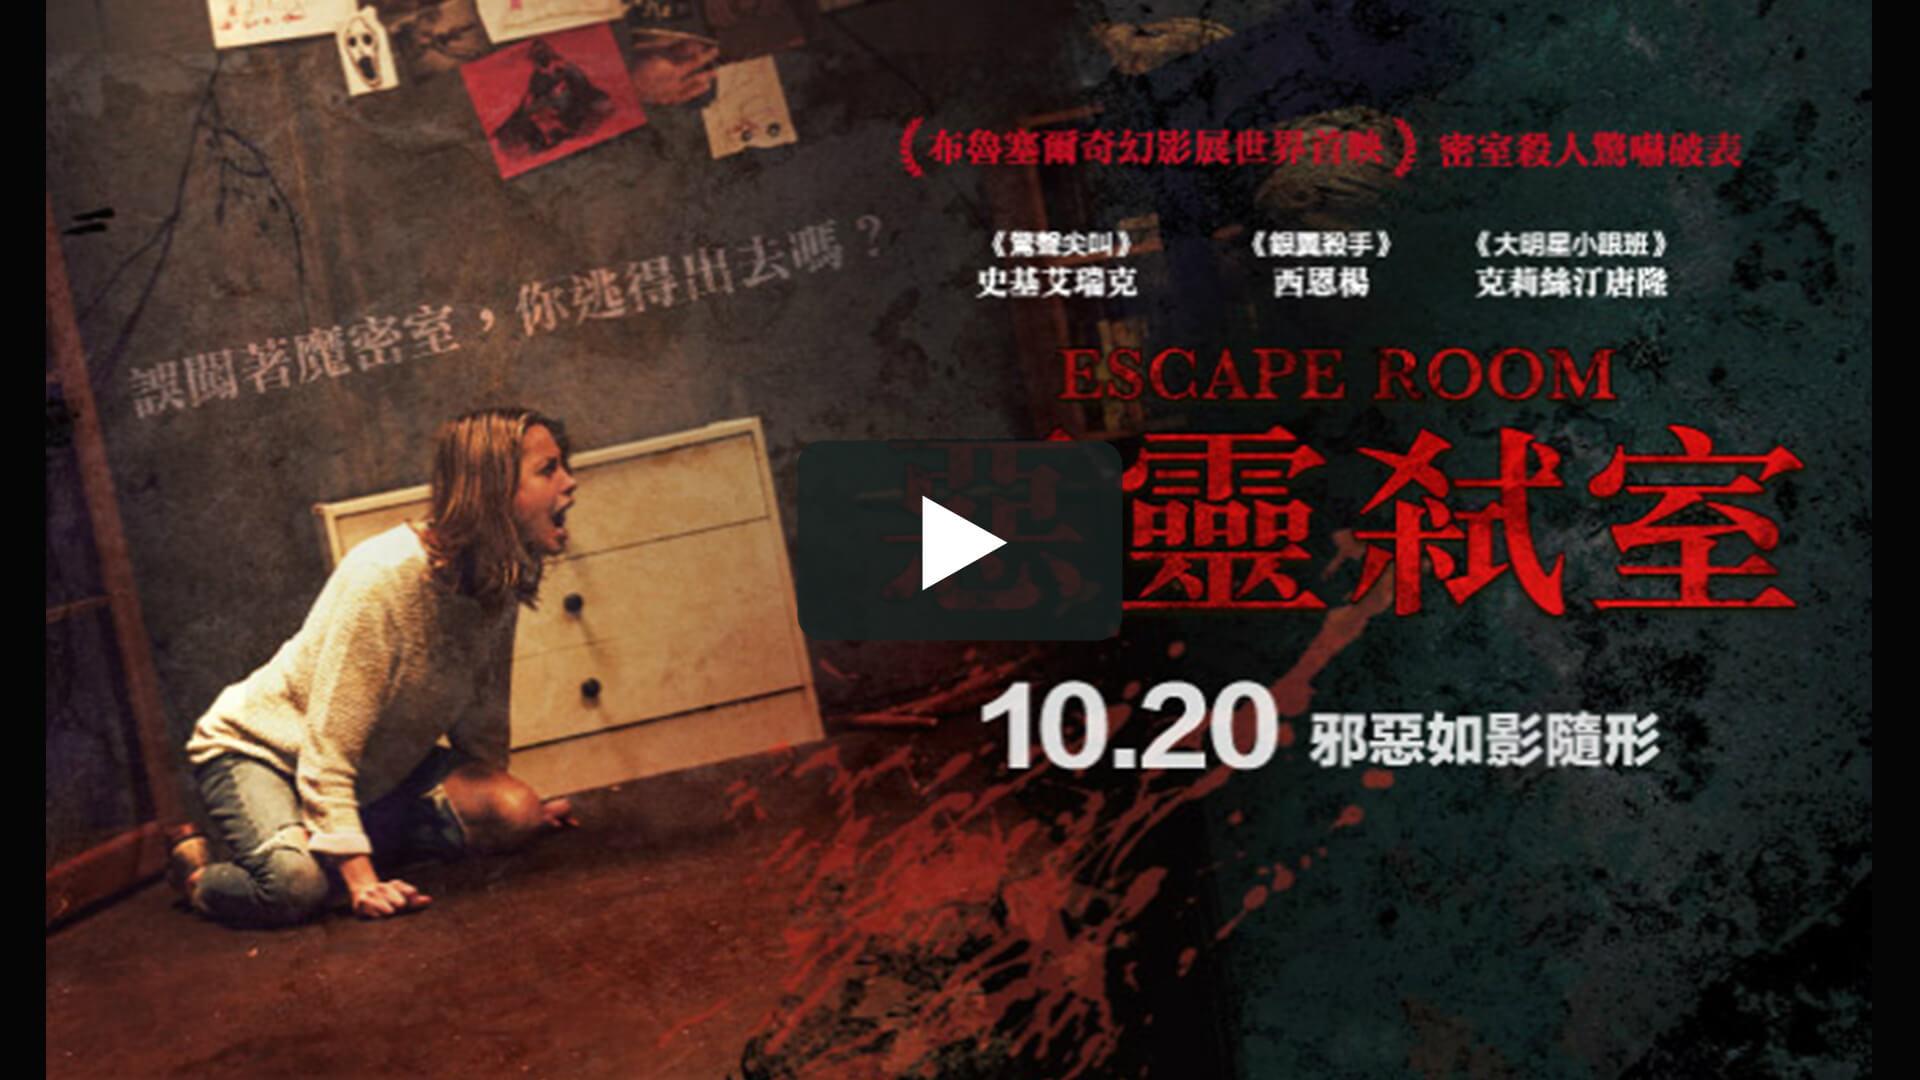 Escape Room - 惡靈弒室